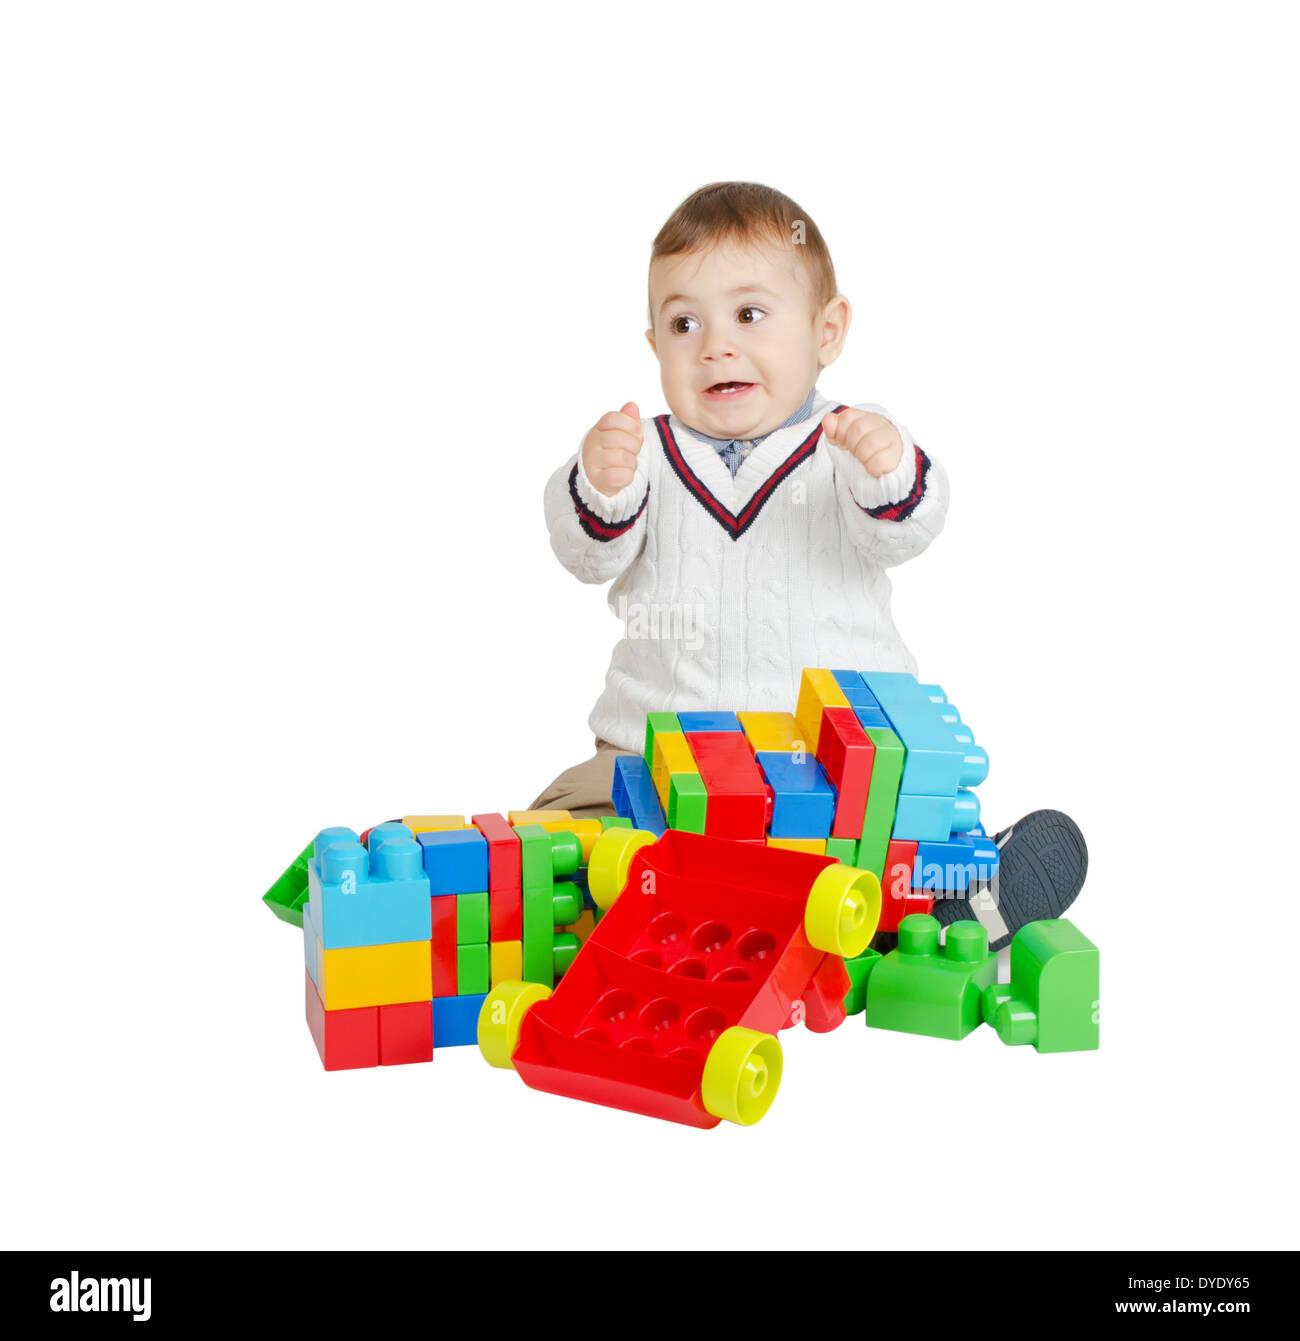 Angry boy con coloridos juguetes de plástico aislado en blanco Foto de stock